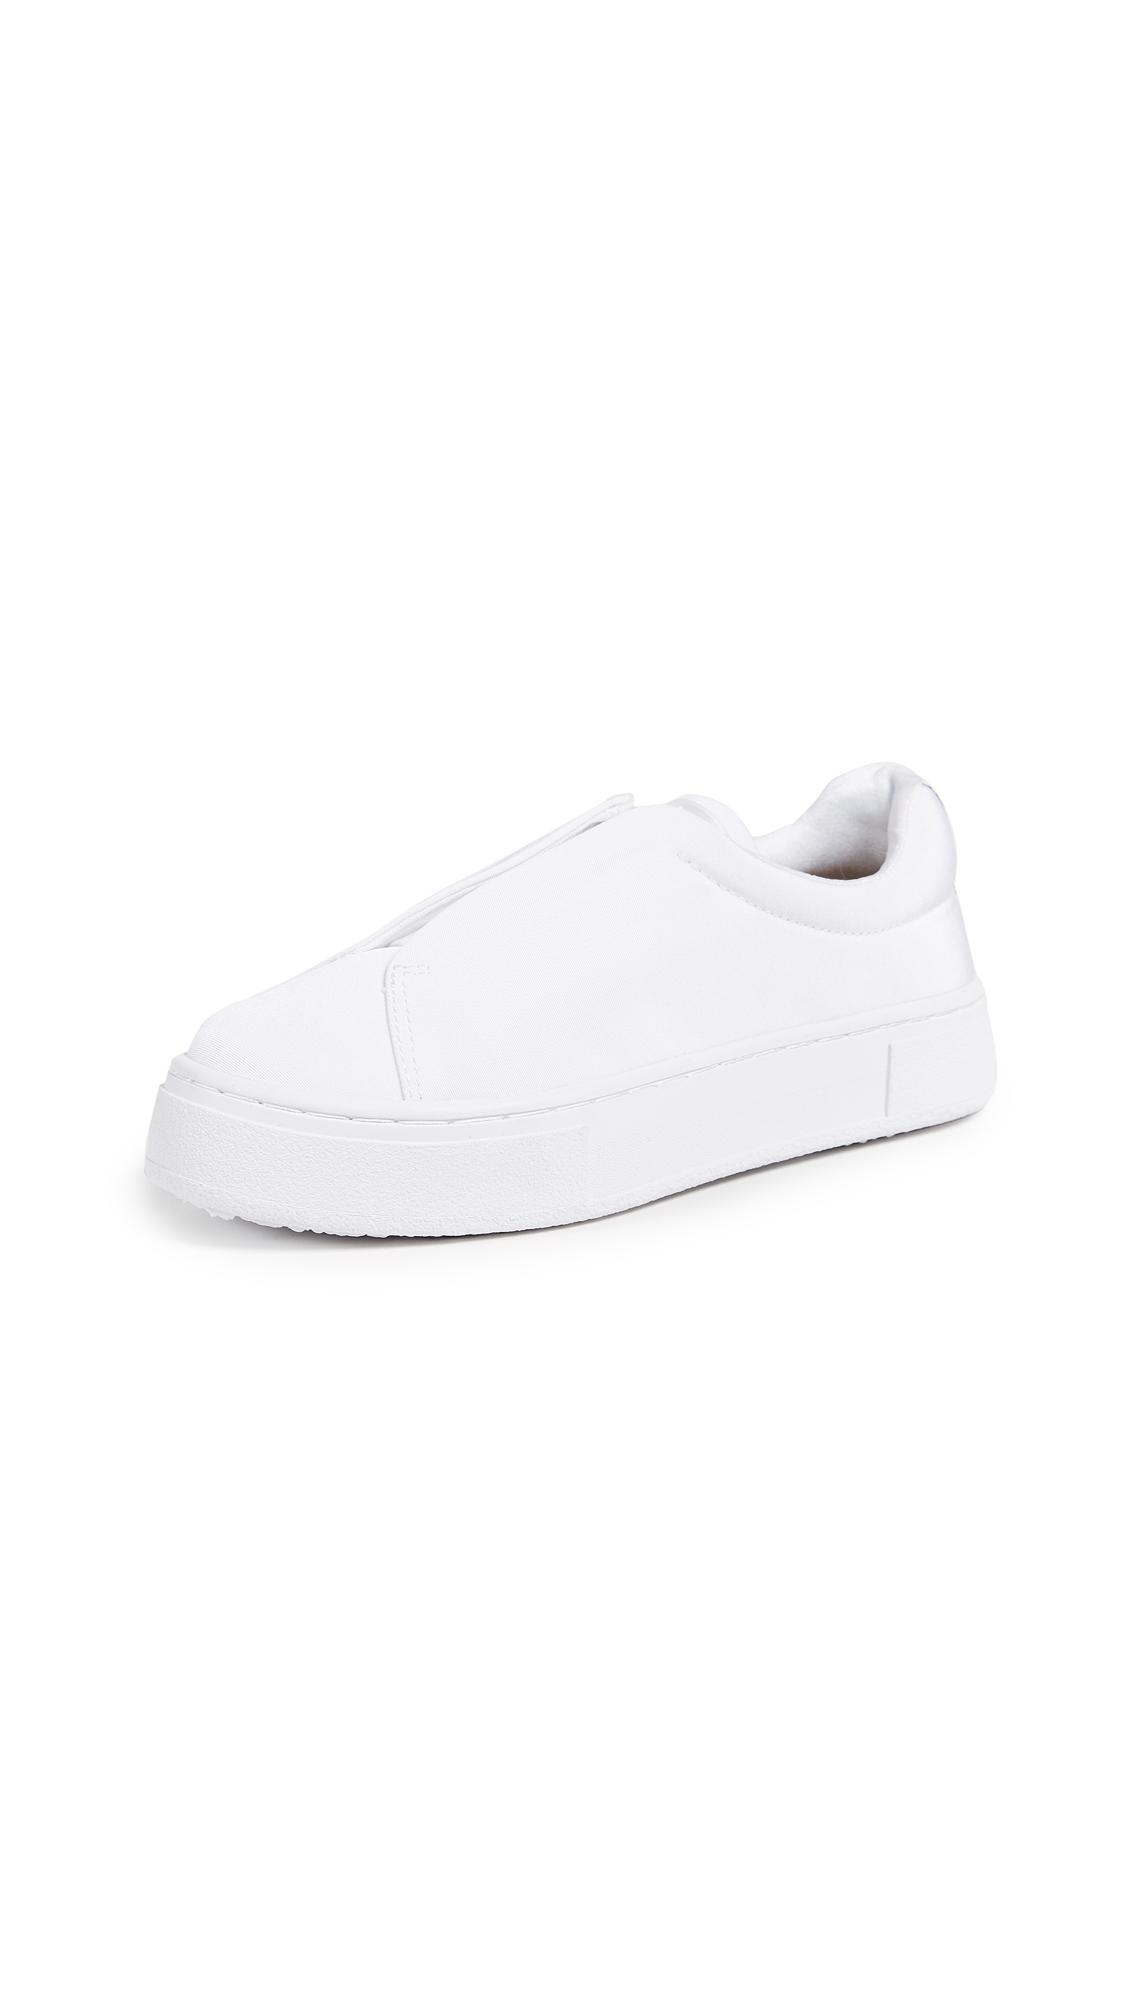 Eytys Doja S-O Sneakers - White